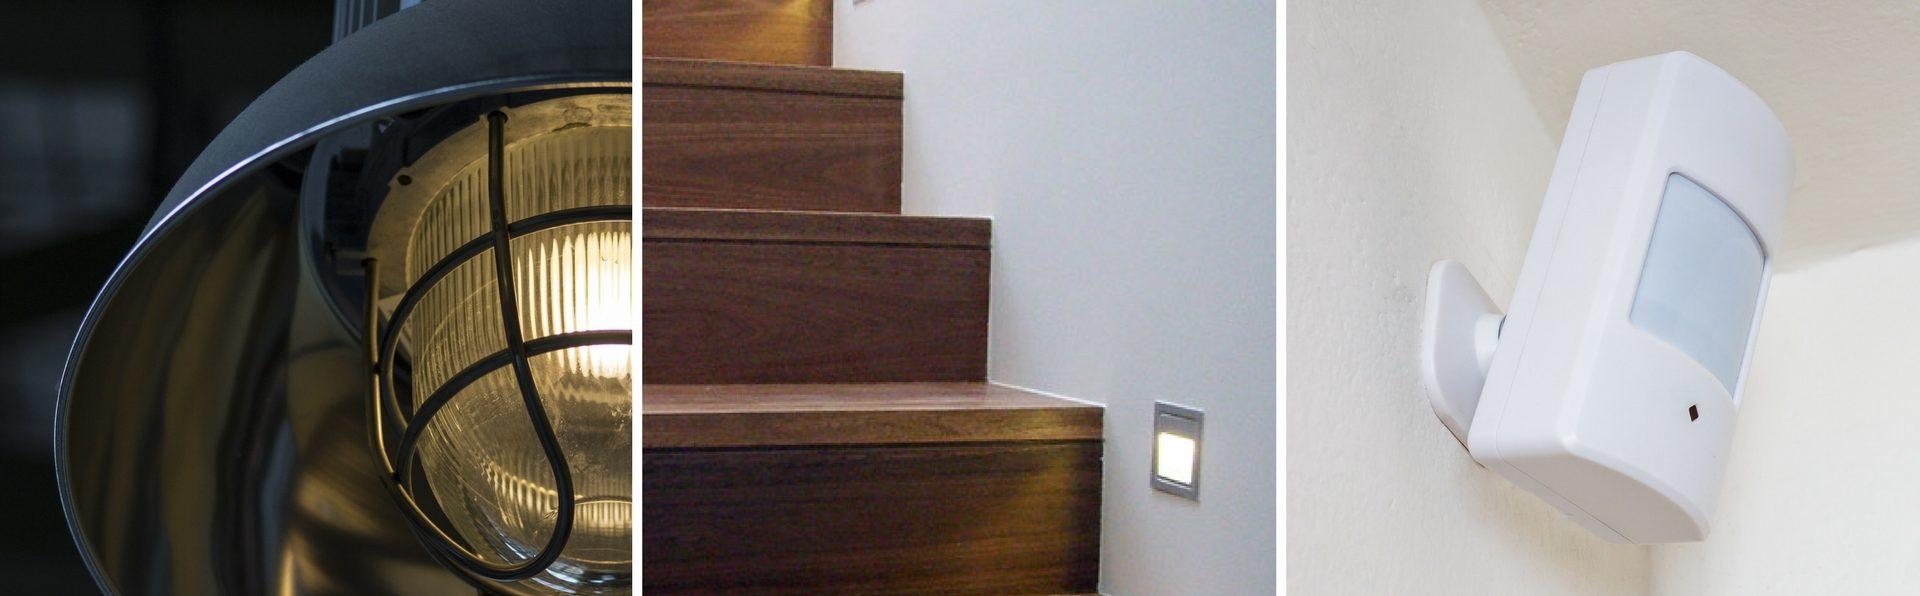 Security/Motion Sensor Lights